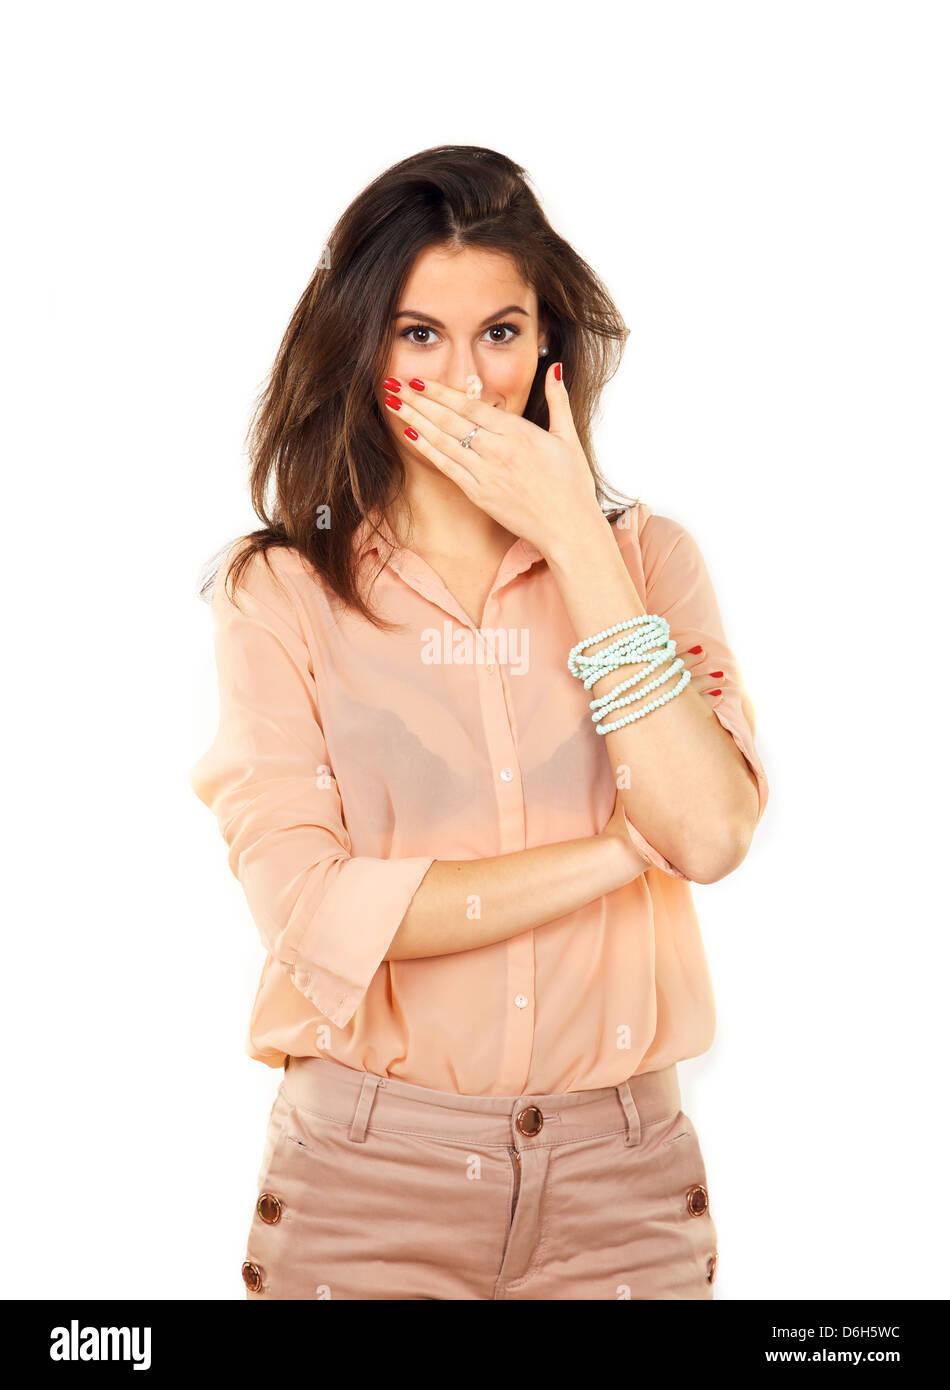 Sorpreso elegante giovane donna con la sua mano a coprire la bocca Immagini Stock